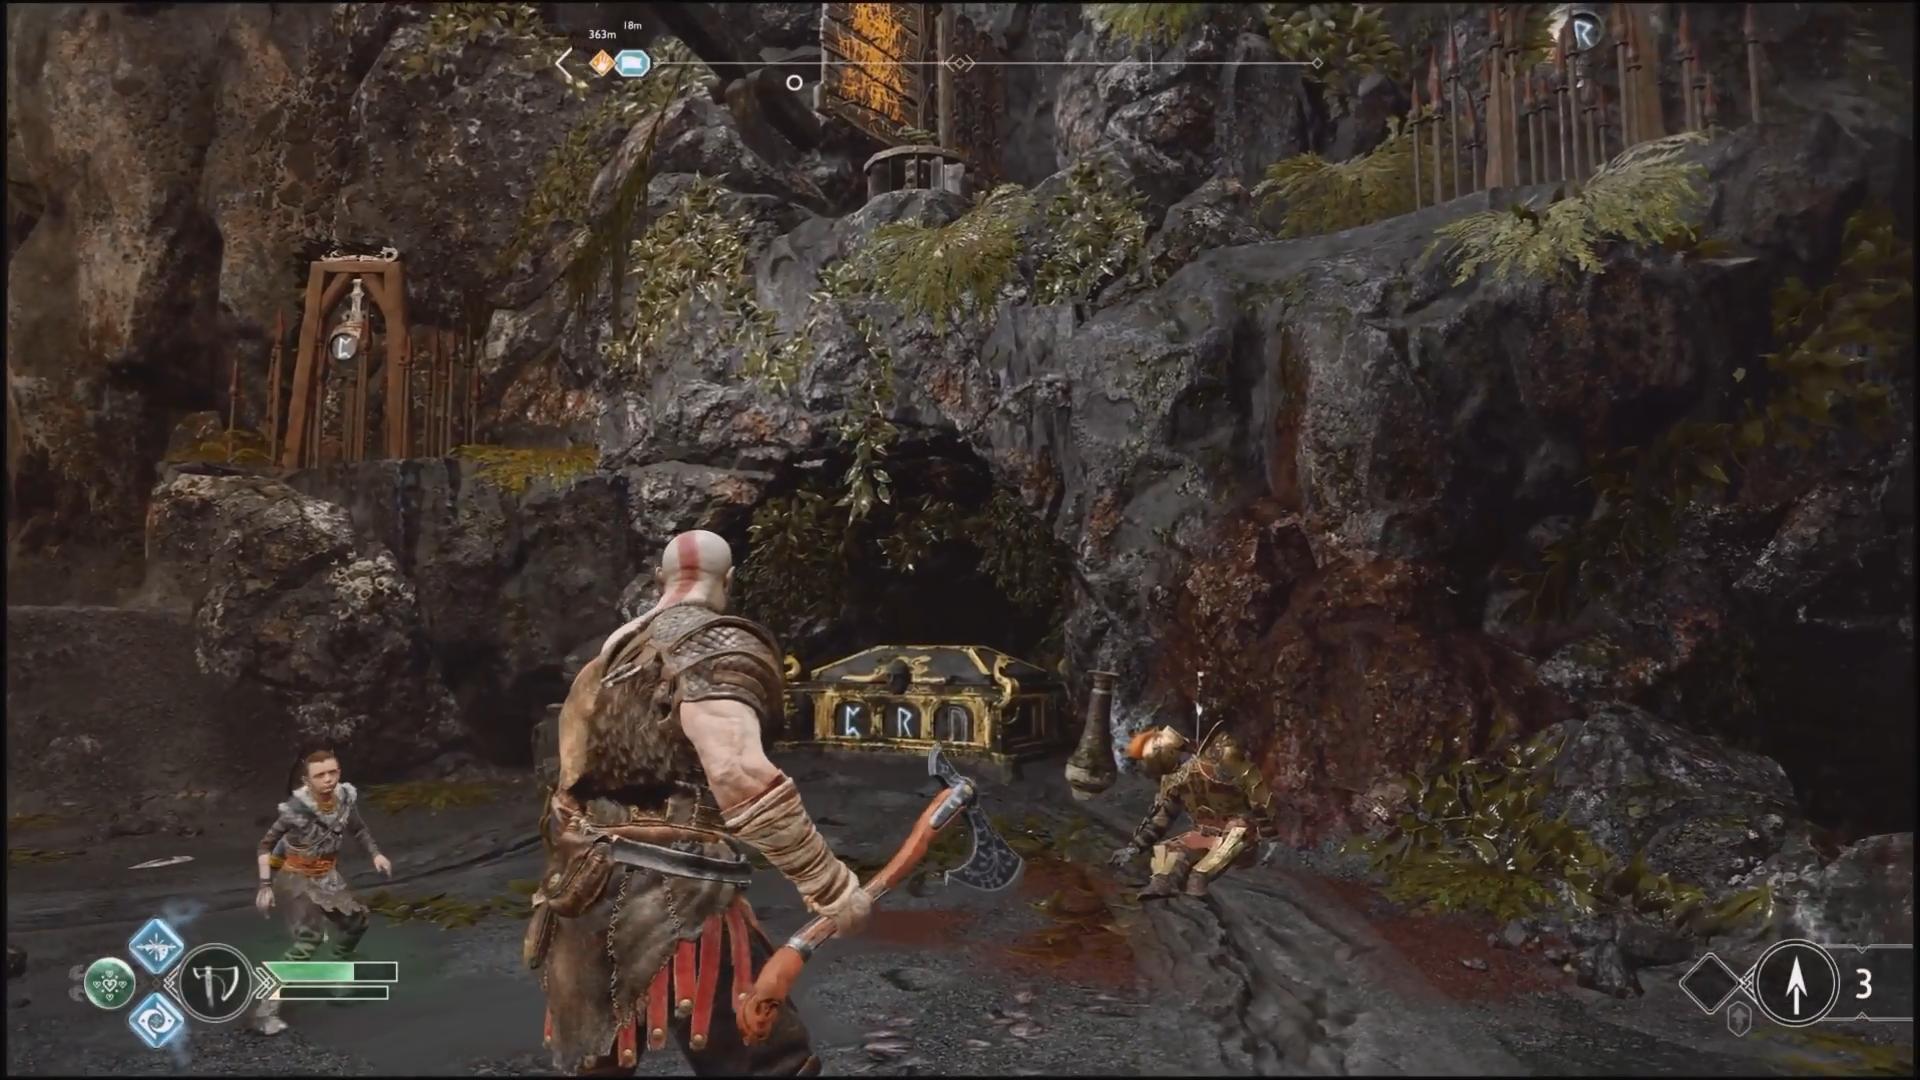 In God of War sind die Walküren Gegner, die sehr schwer zu besiegen sind.